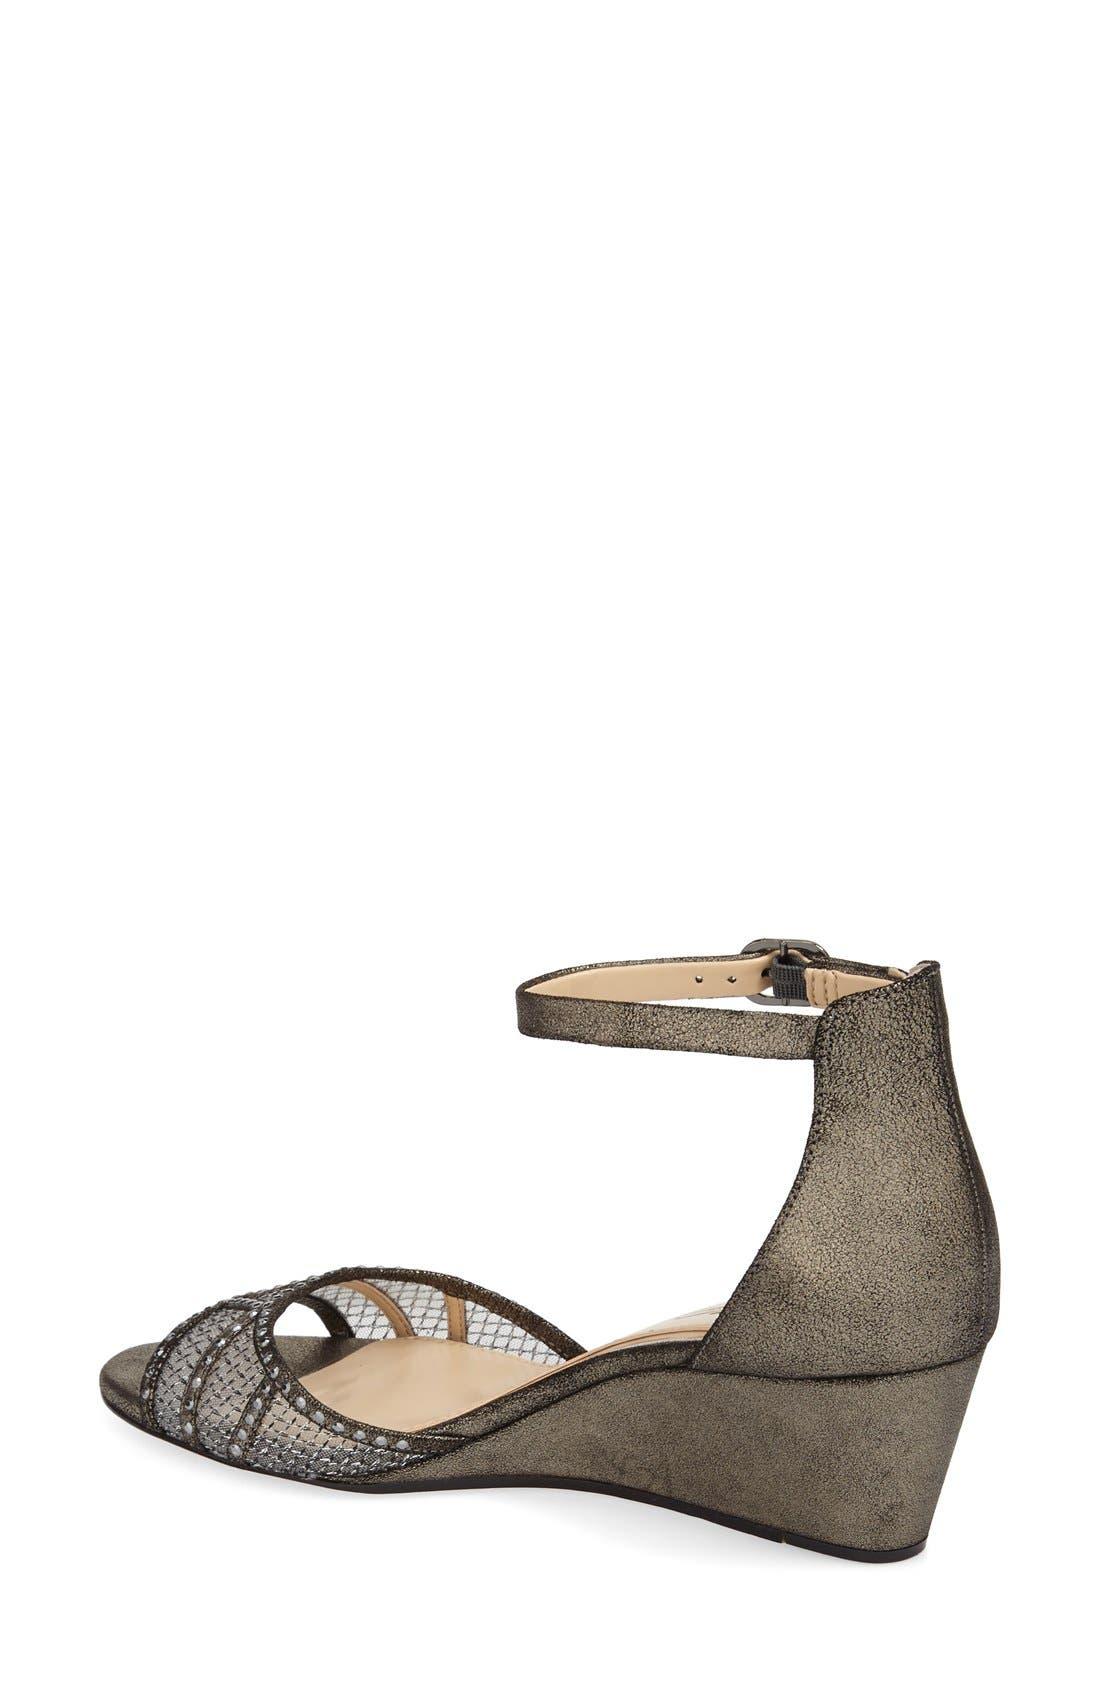 'Joan' Studded Wedge Sandal,                             Alternate thumbnail 7, color,